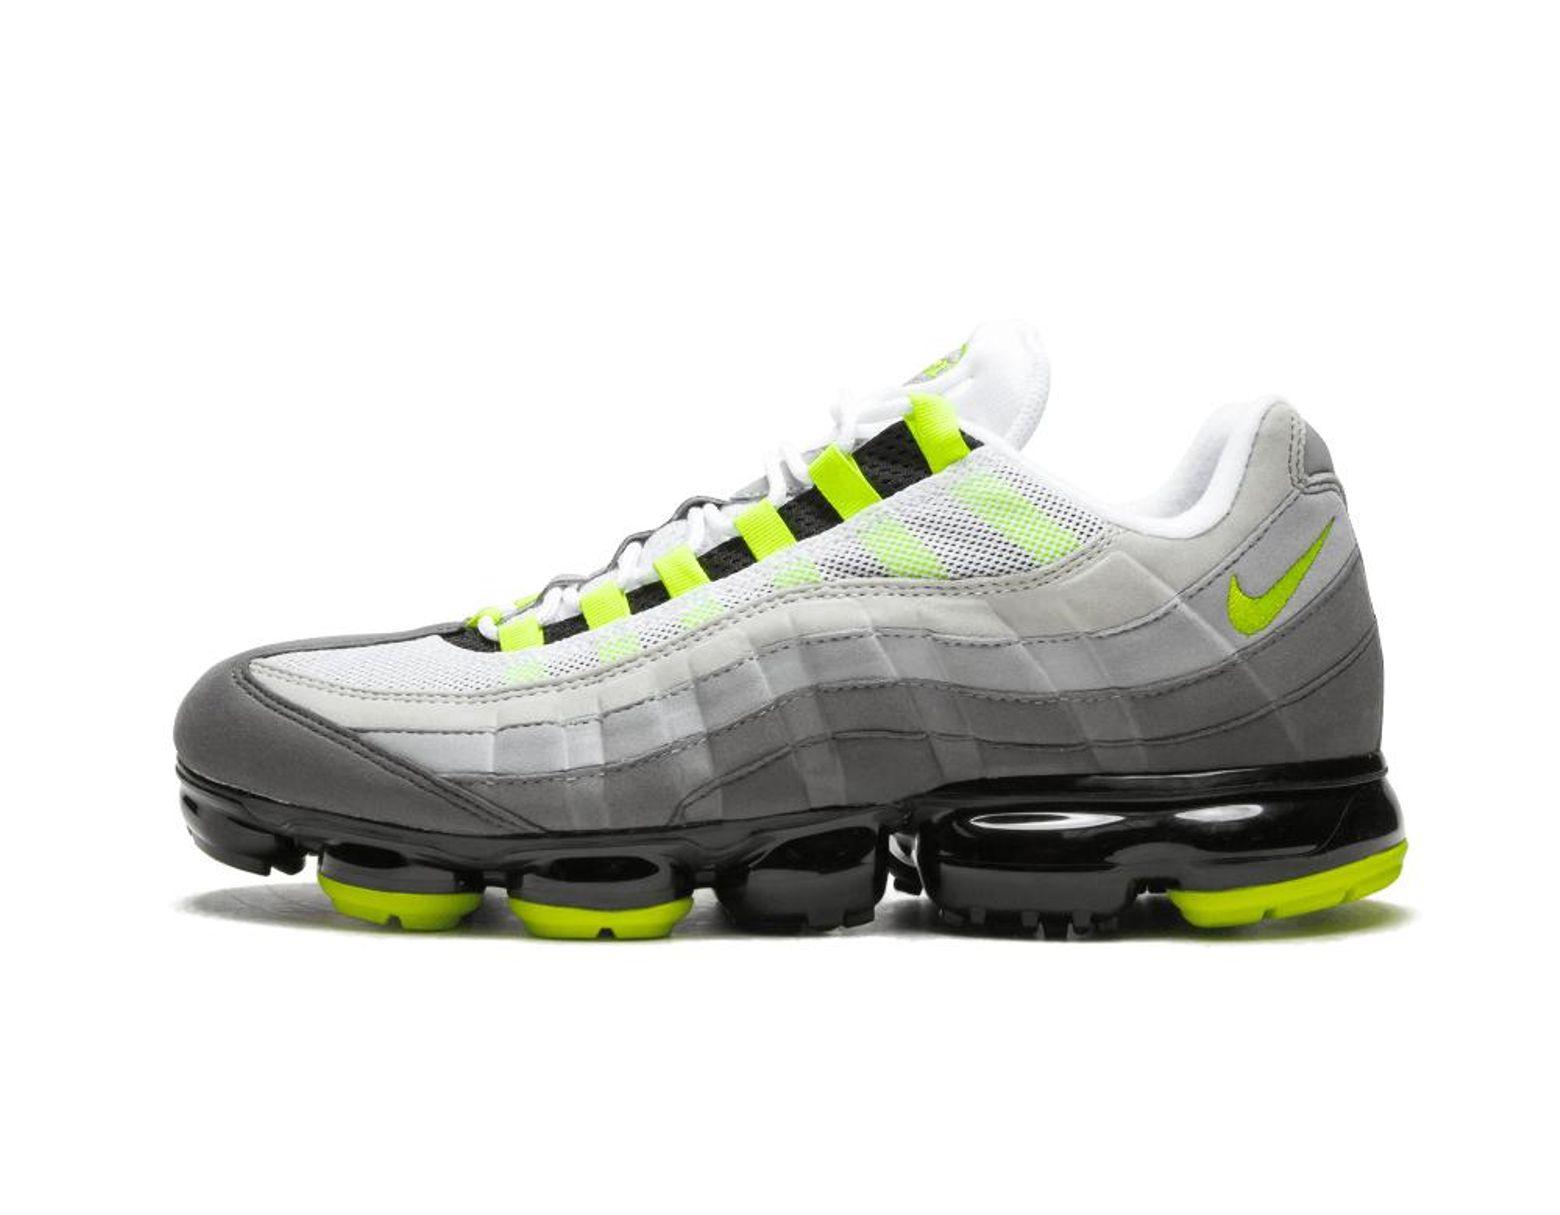 quality design e2385 9550d Men's Black Air Vapormax '95 'neon' - Size 7.5